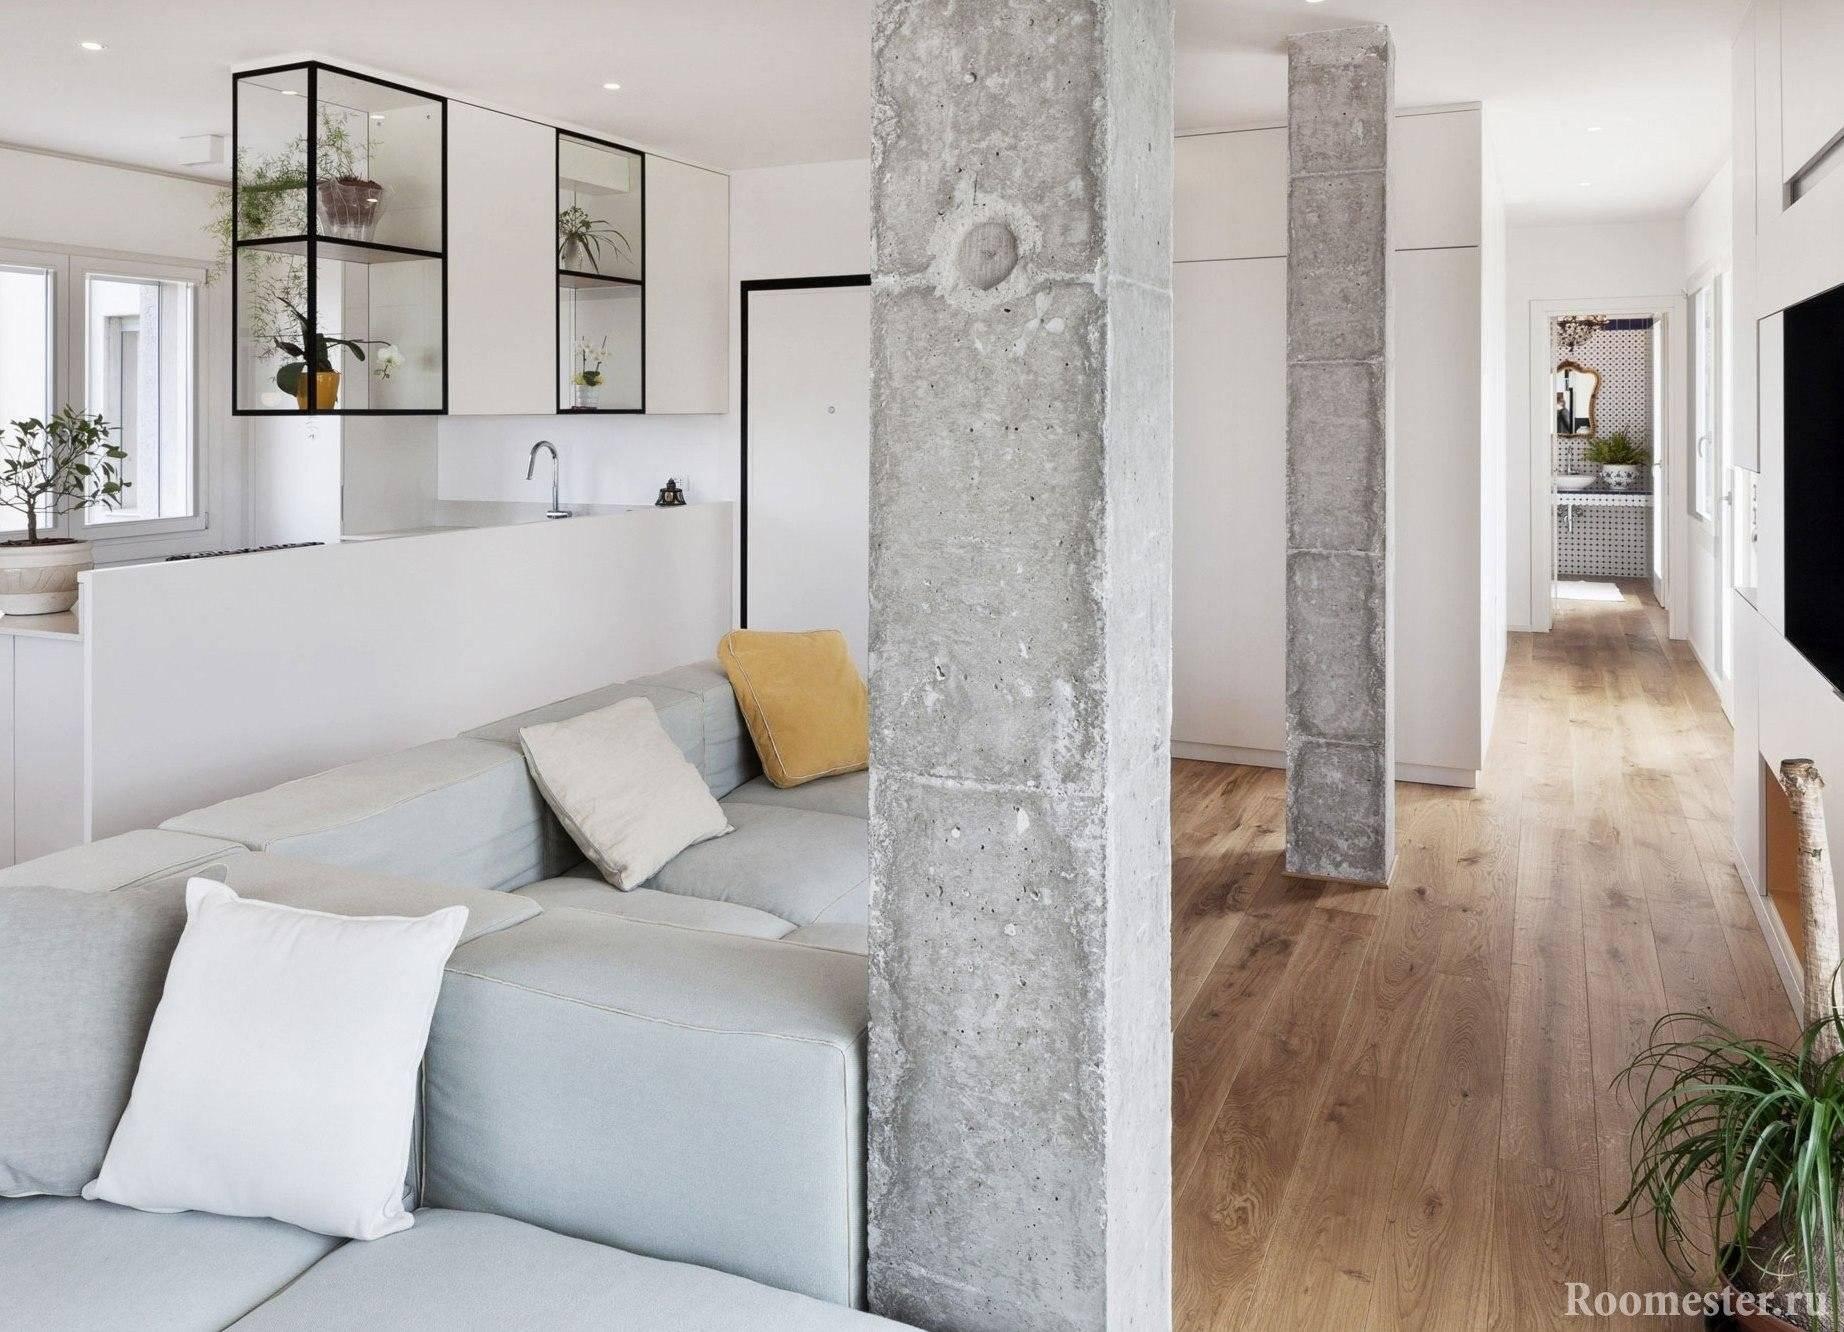 Камень в интерьере гостиной: 40 фото идей облицовки комнаты декоративным материалом